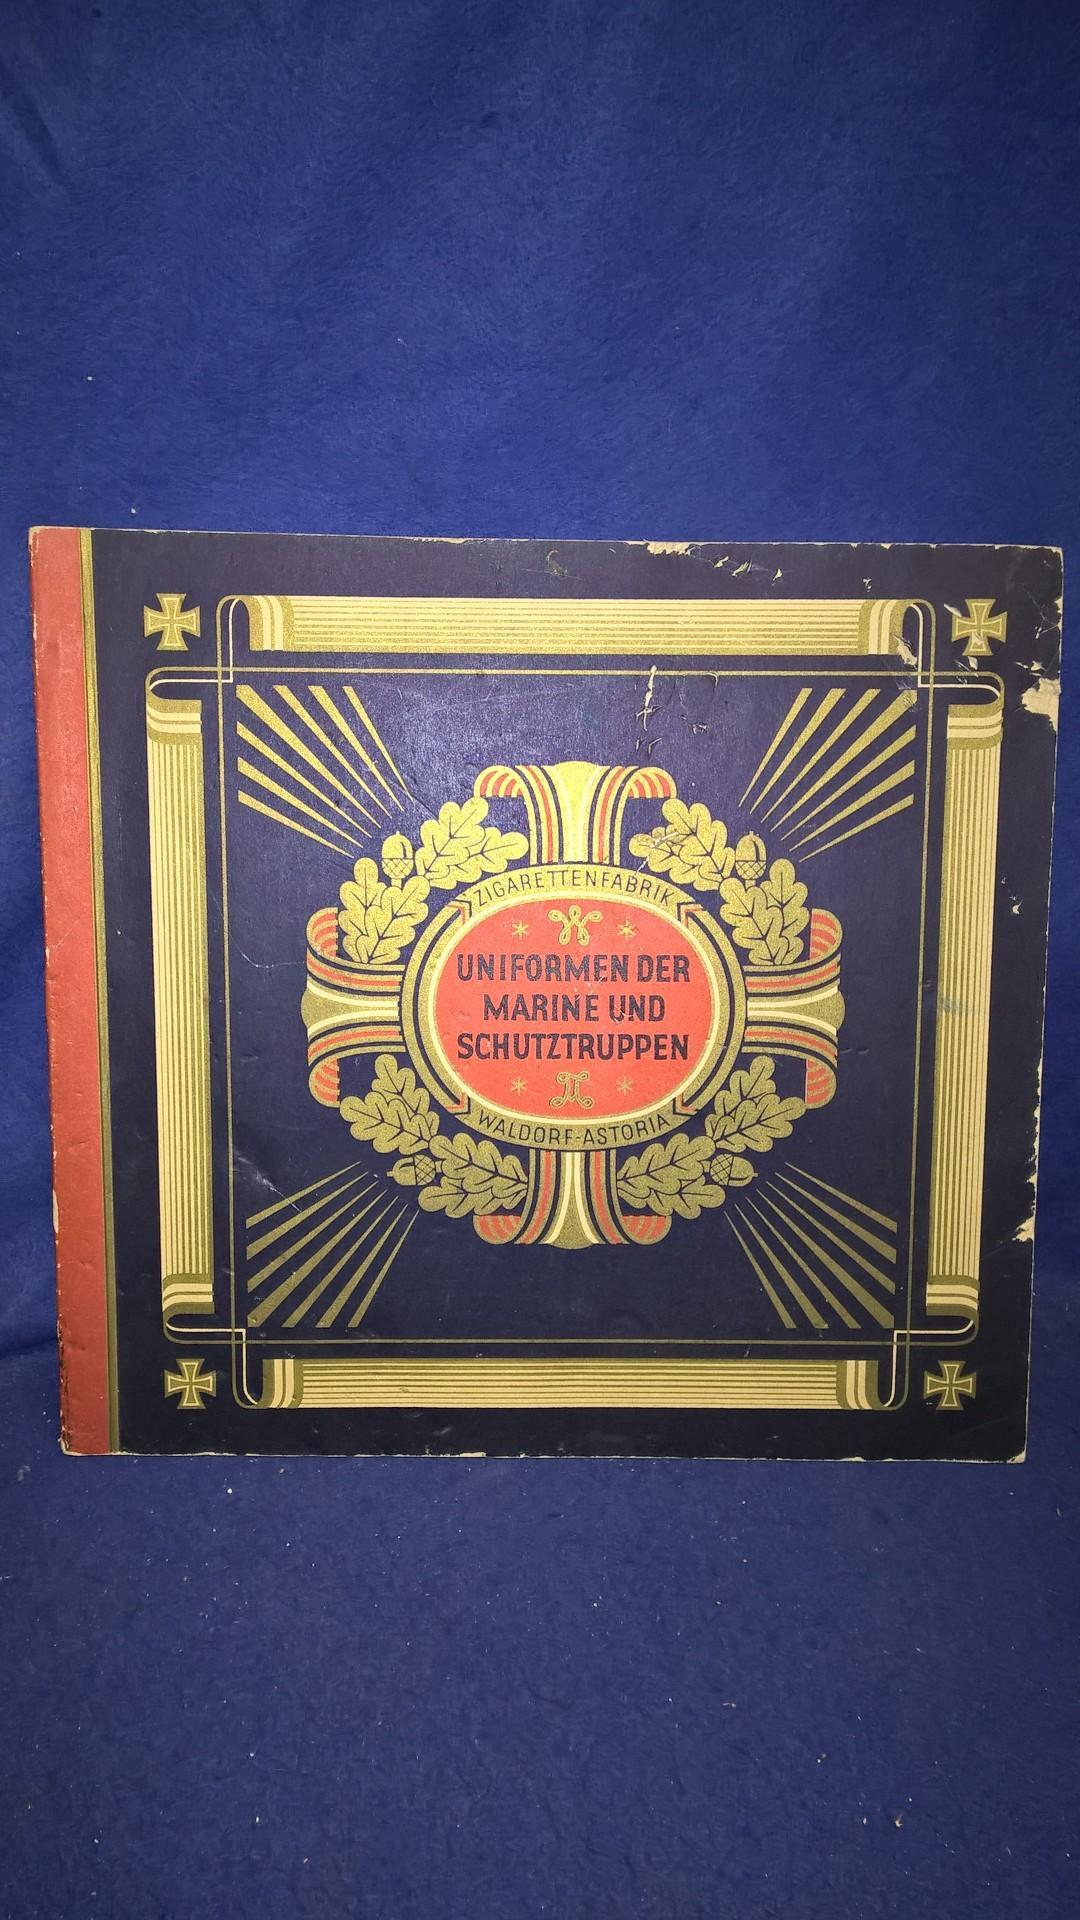 """Uniformen der Marine und Schutztruppen. Anhang zur Bildersammlung """"Uniformen der Alten Armee"""". Zigarettenbilderalbum aus den 30érn Jahren!"""